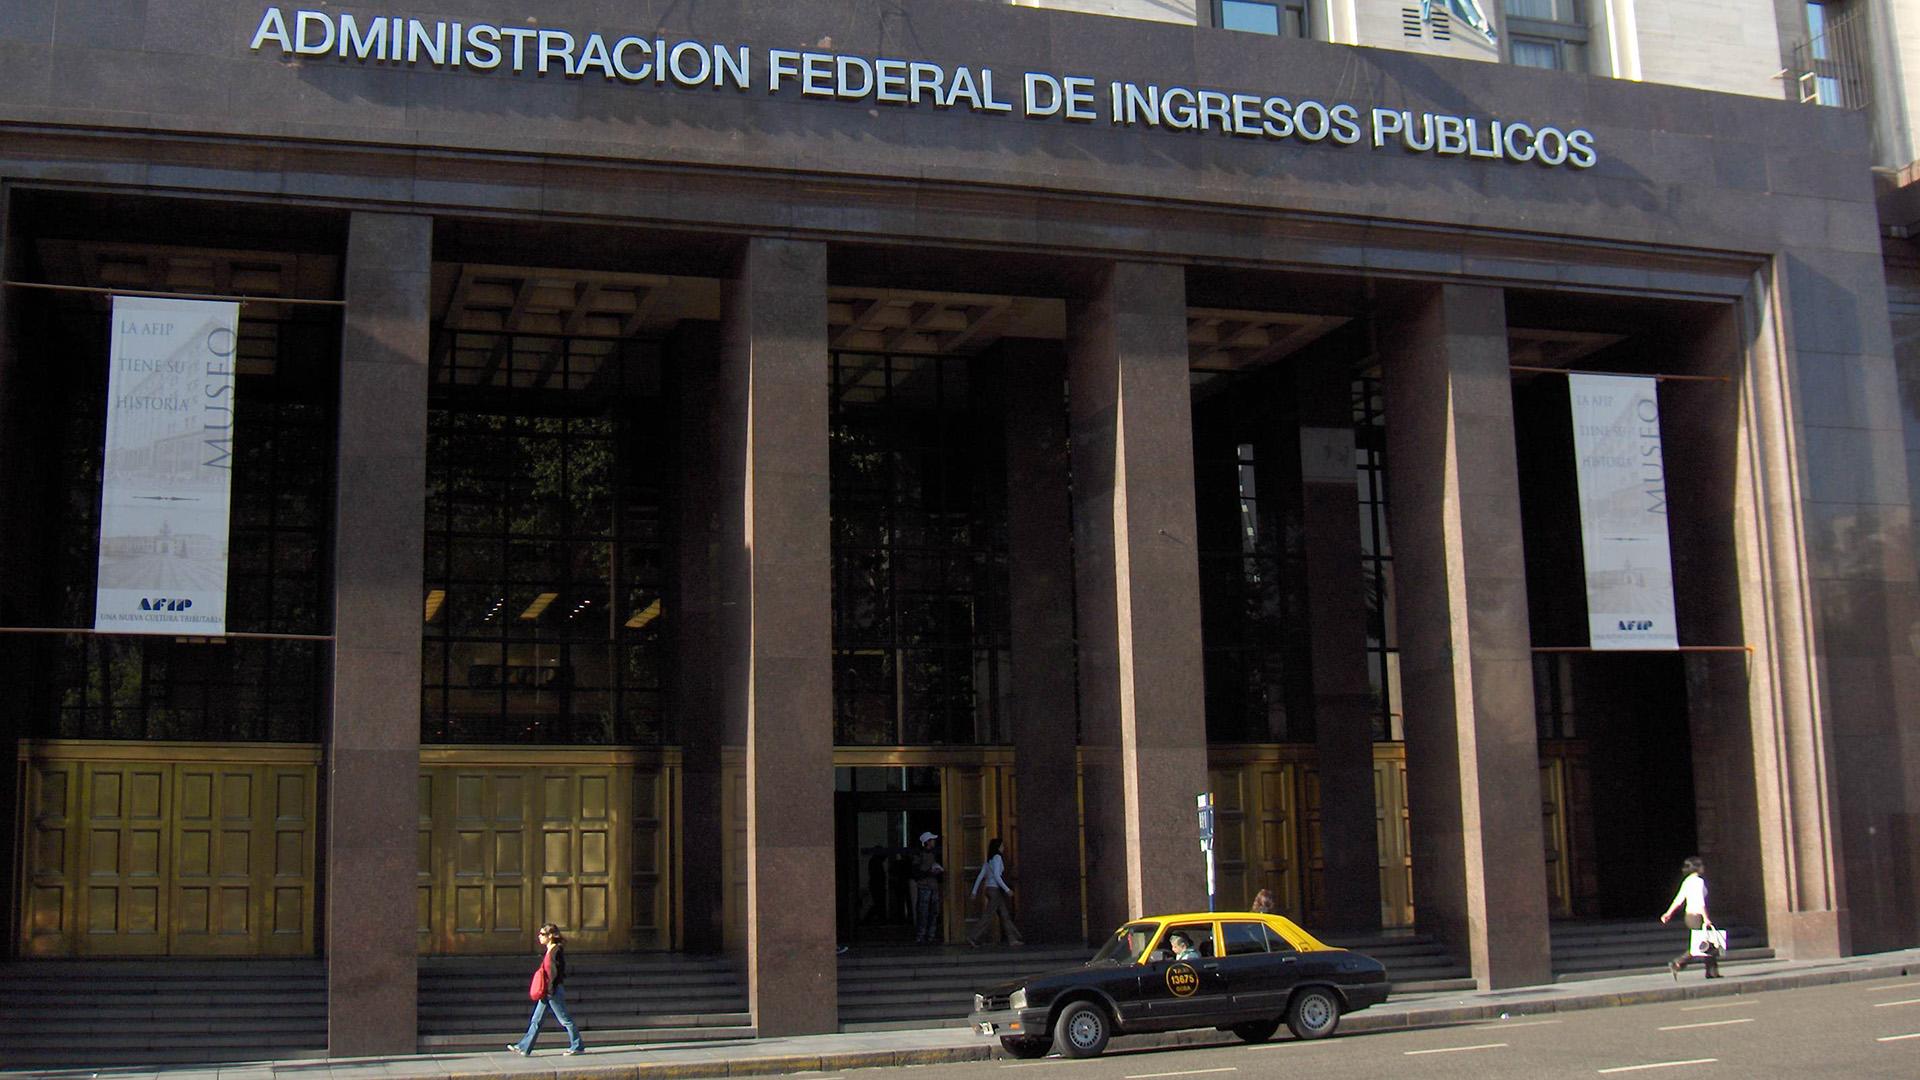 En los próximos días, la AFIP mandará un segundo recordatorio a los contribuyentes identificados